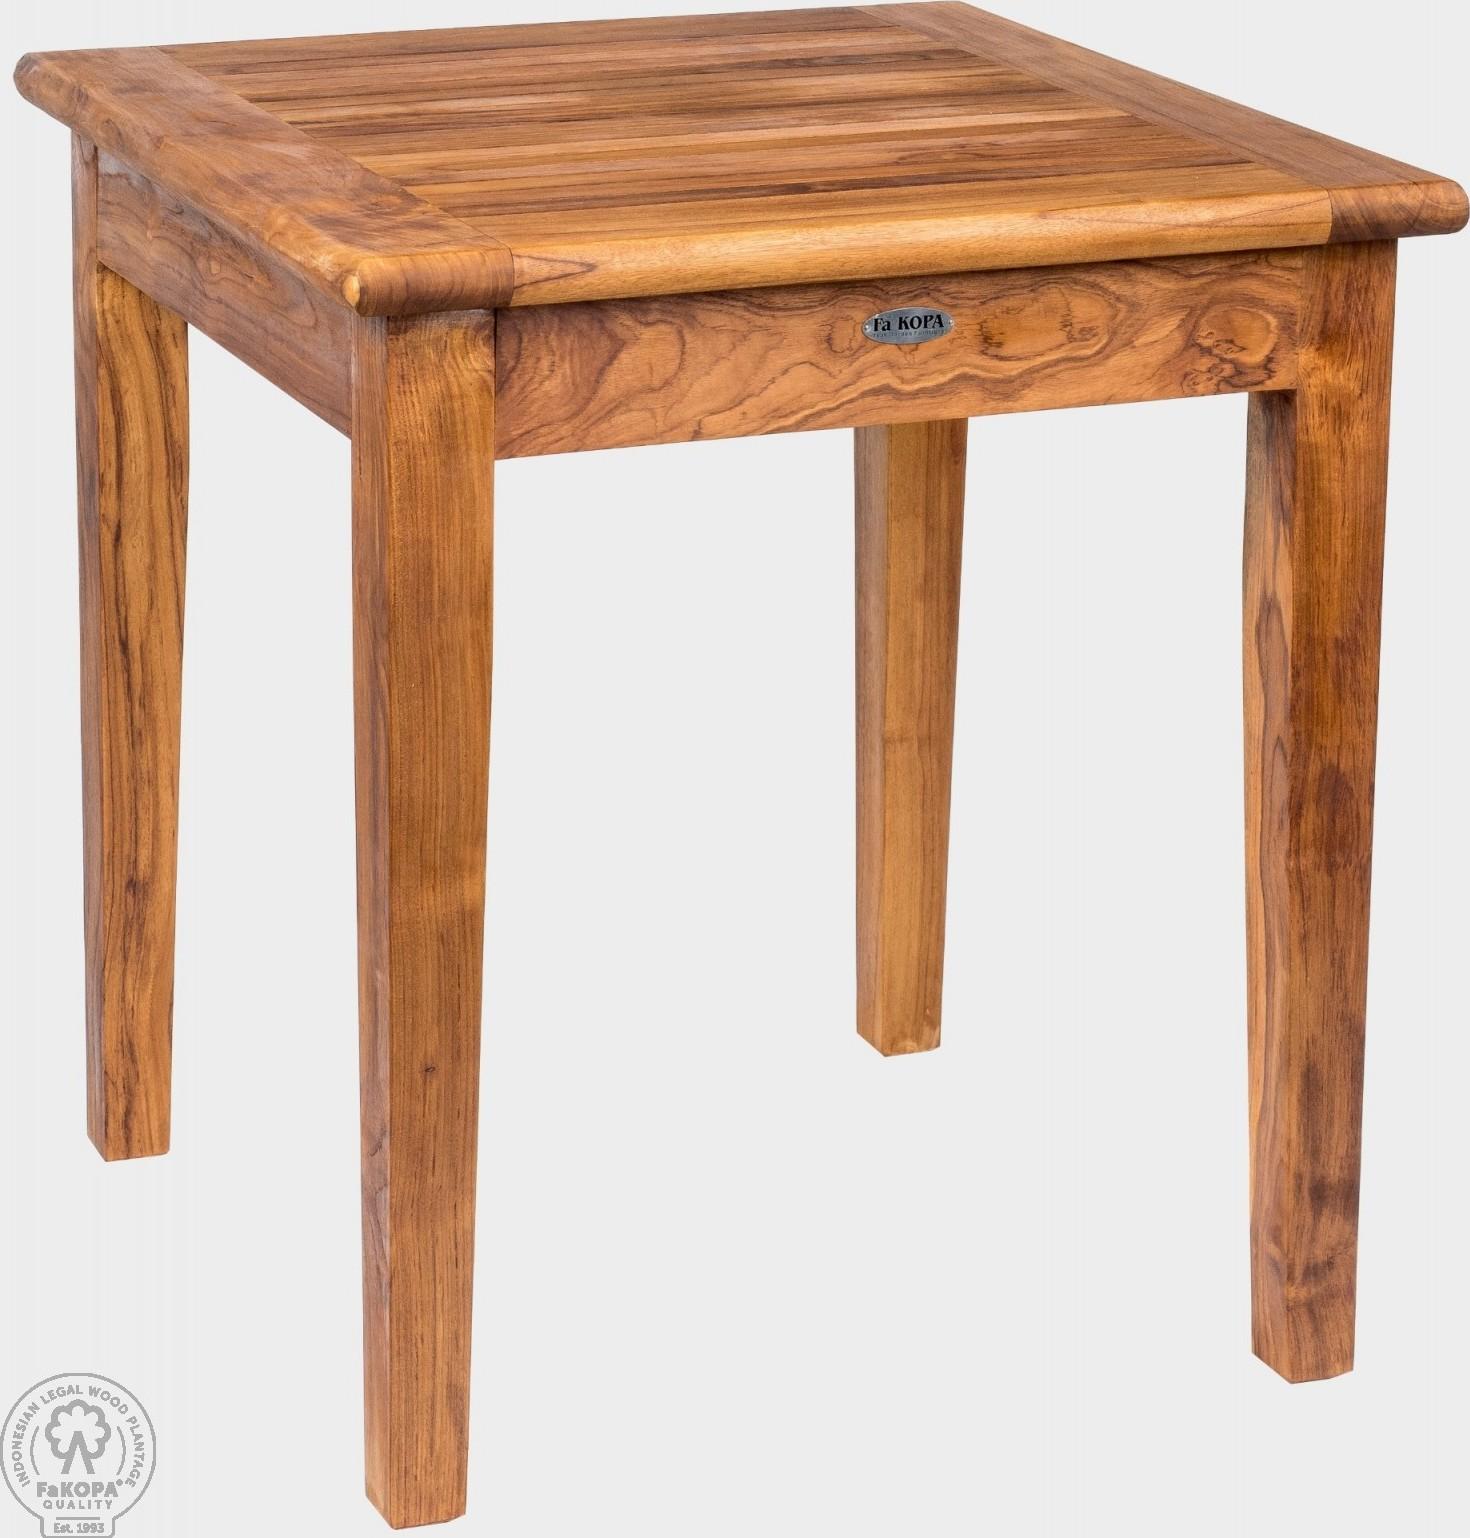 FaKOPA Dřevěný stůl na zahradu Gloria